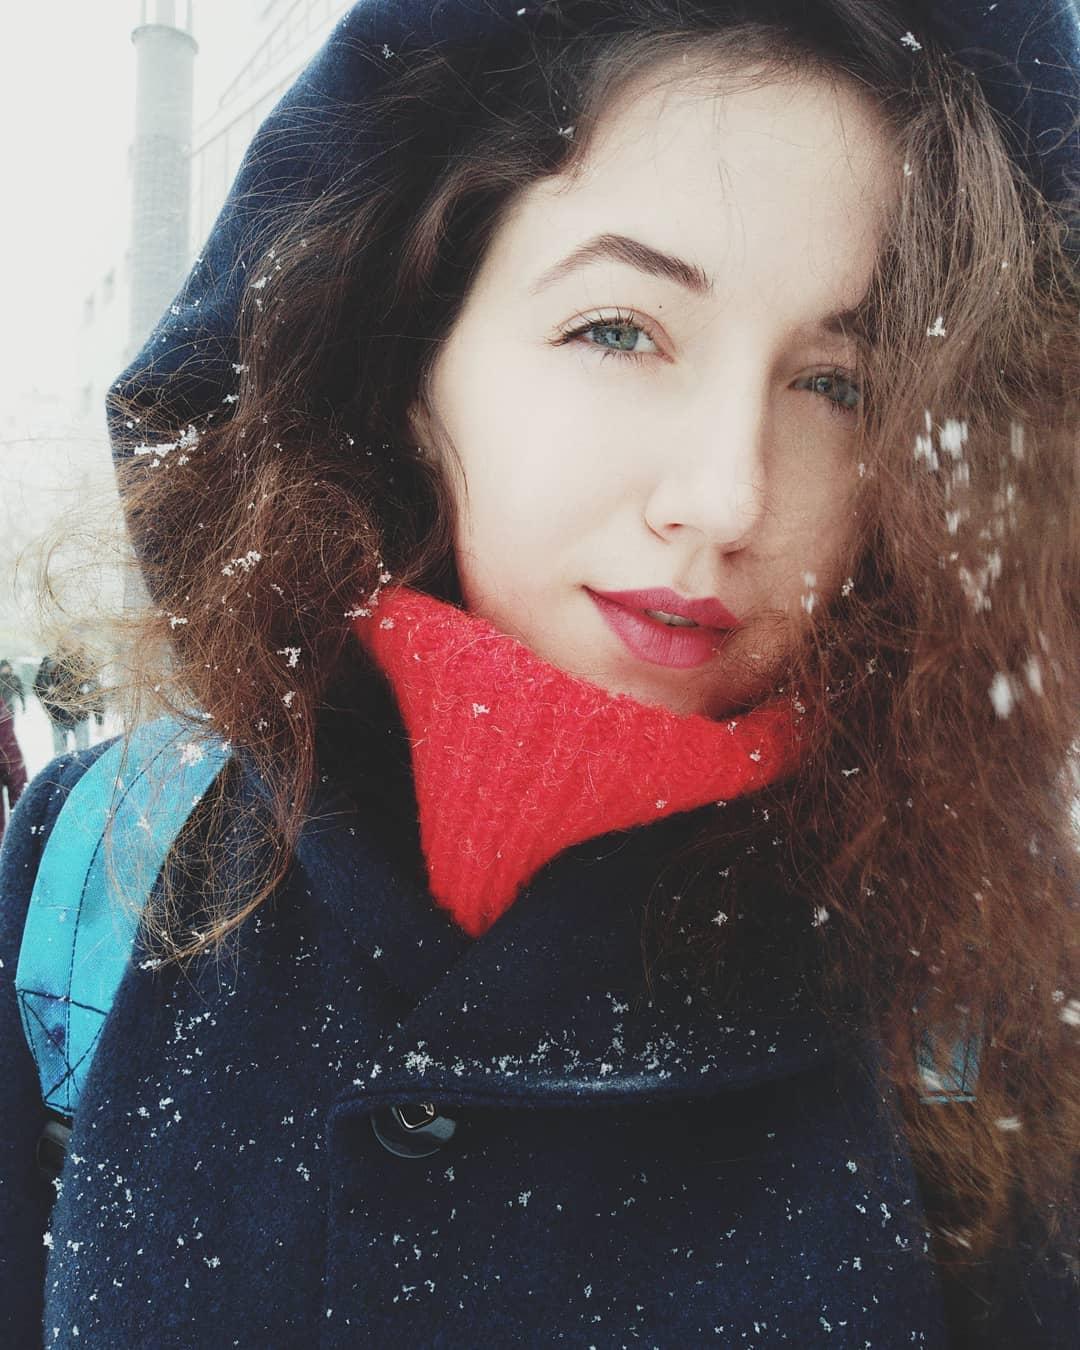 И пусть снег на волосах и ресницах, ведь это так красиво! Фото:@heleeeena_m